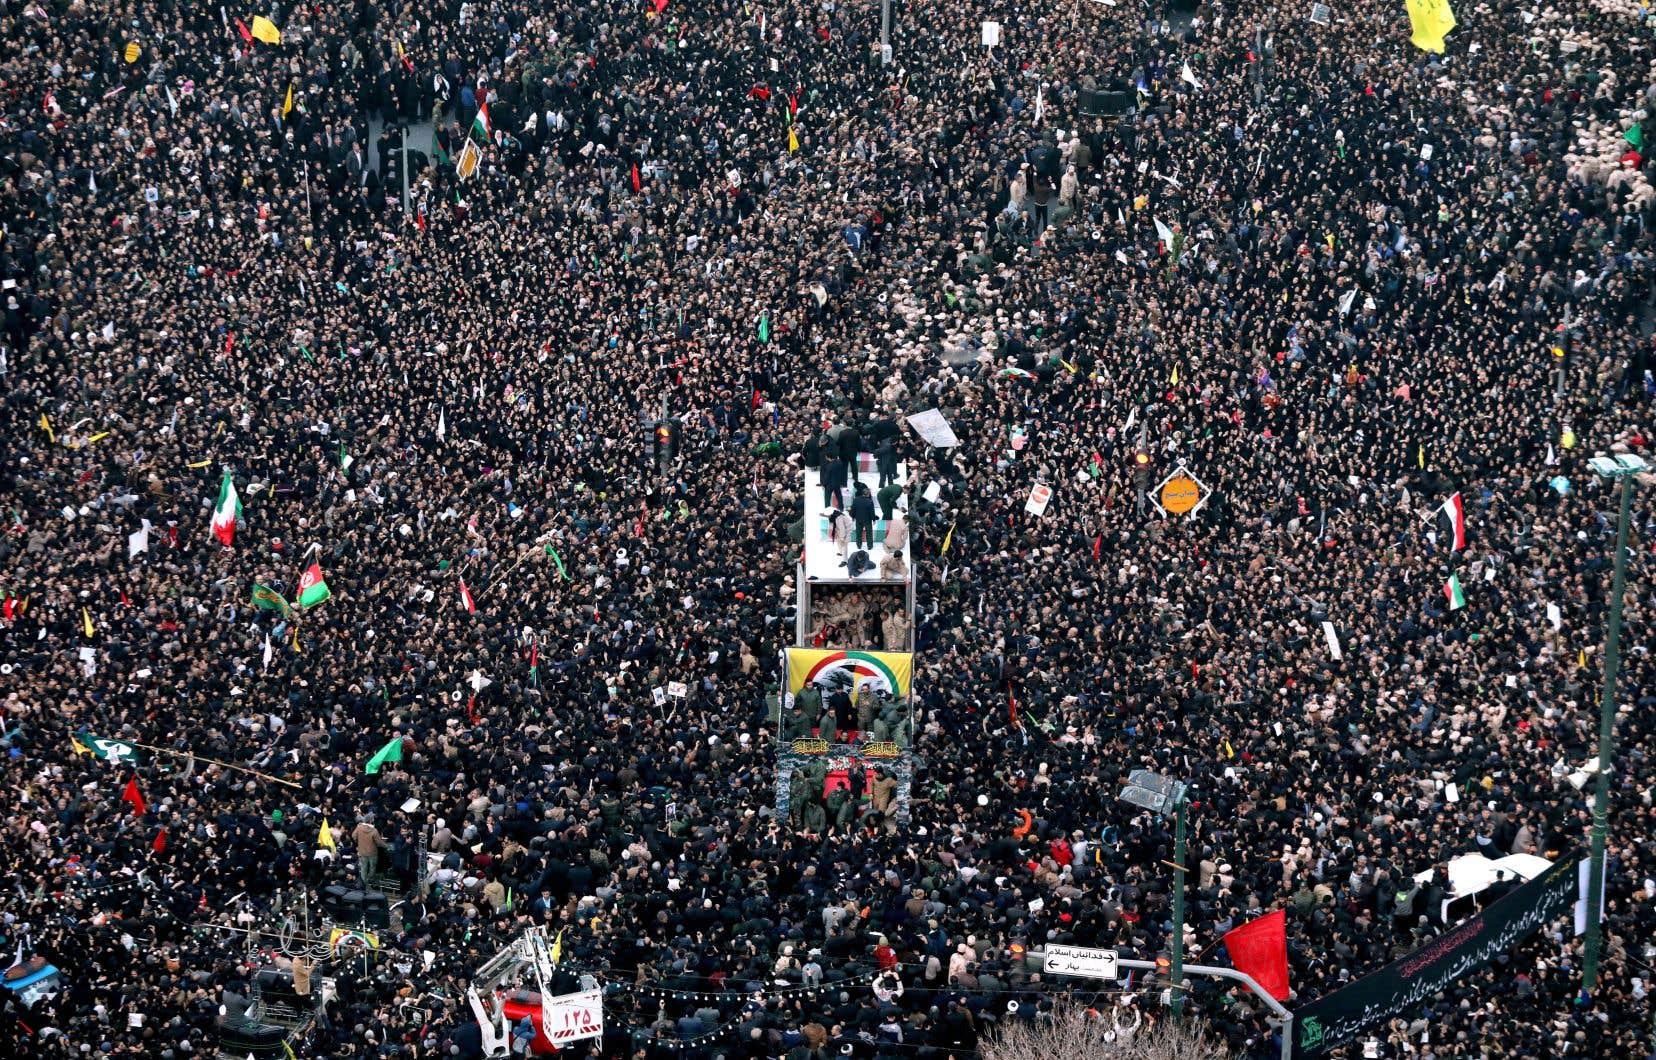 L'hommage au général Qassem Soleimani se poursuit en Iran. Le cortège funéraire, transportant les restes du général et d'autres victimes tués par une frappe aérienne lancée par les États-Unis dans la nuit de jeudi à vendredi en Irak, est arrivé dimanche à Mashhad, dans le nord-est du pays, et a été accueilli par des millions de personnes en deuil.